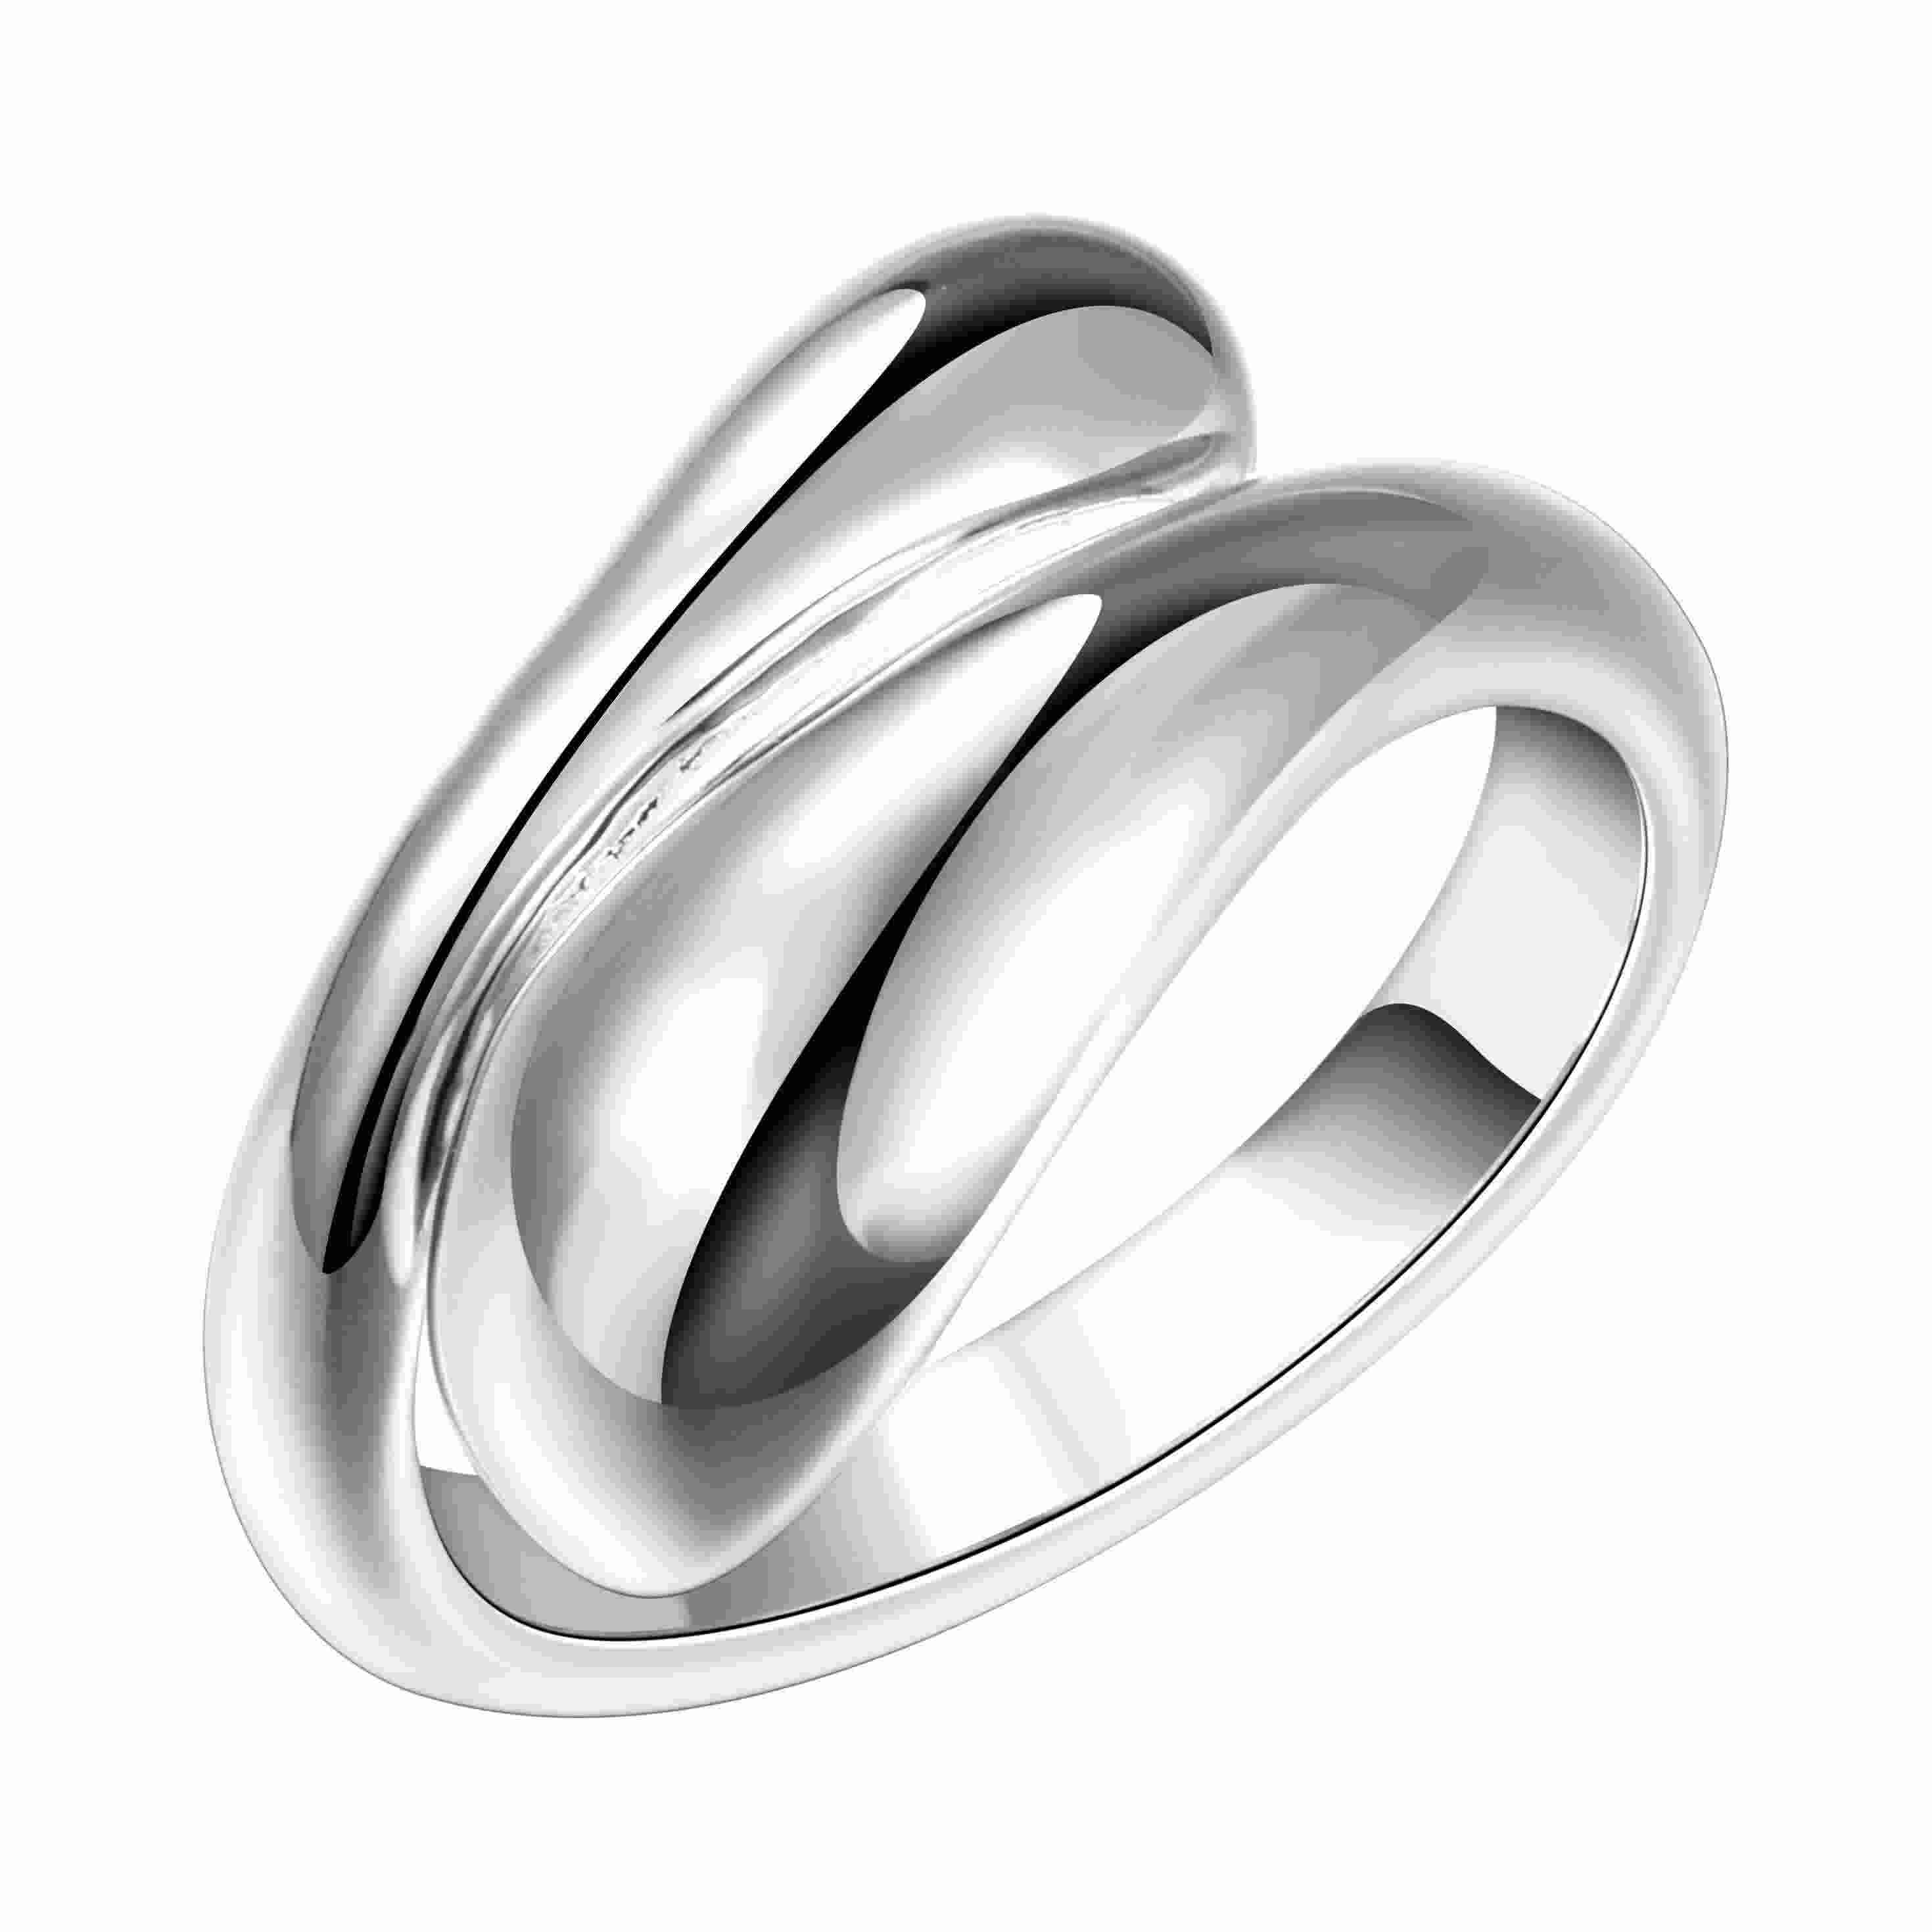 แฟชั่นเครื่องประดับแหวนเงิน raindrop/waterdrop แหวนสำหรับผู้หญิง/ผู้ชาย Drop Shopping Brincos 925 แสตมป์ aneis bijouterie